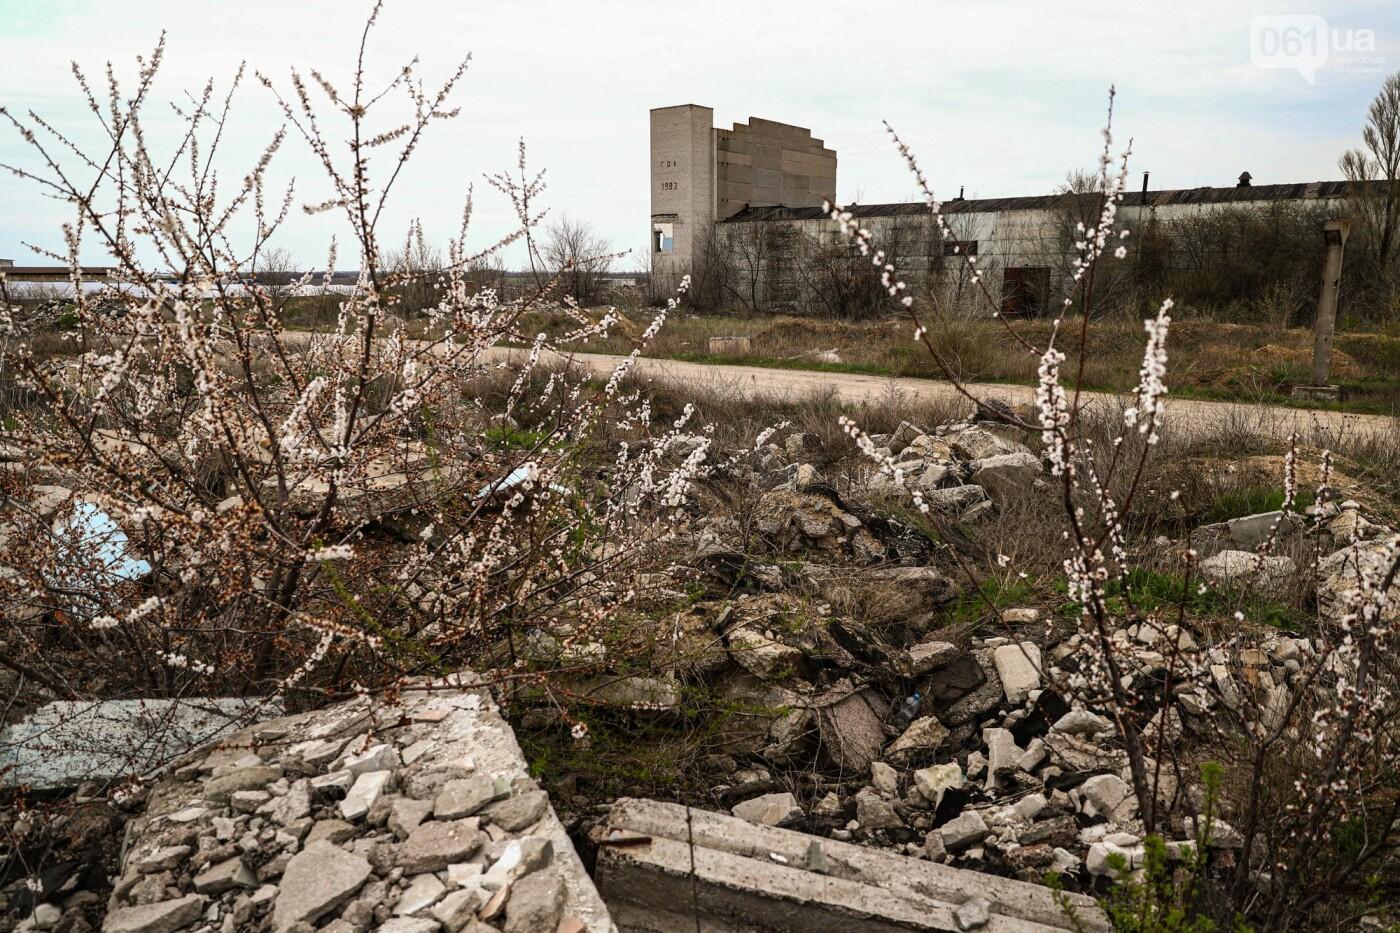 Монтаж первого пролета вантового моста, транспортный локдаун и репортаж из заброшенной шахты: апрель в фотографиях, фото-91